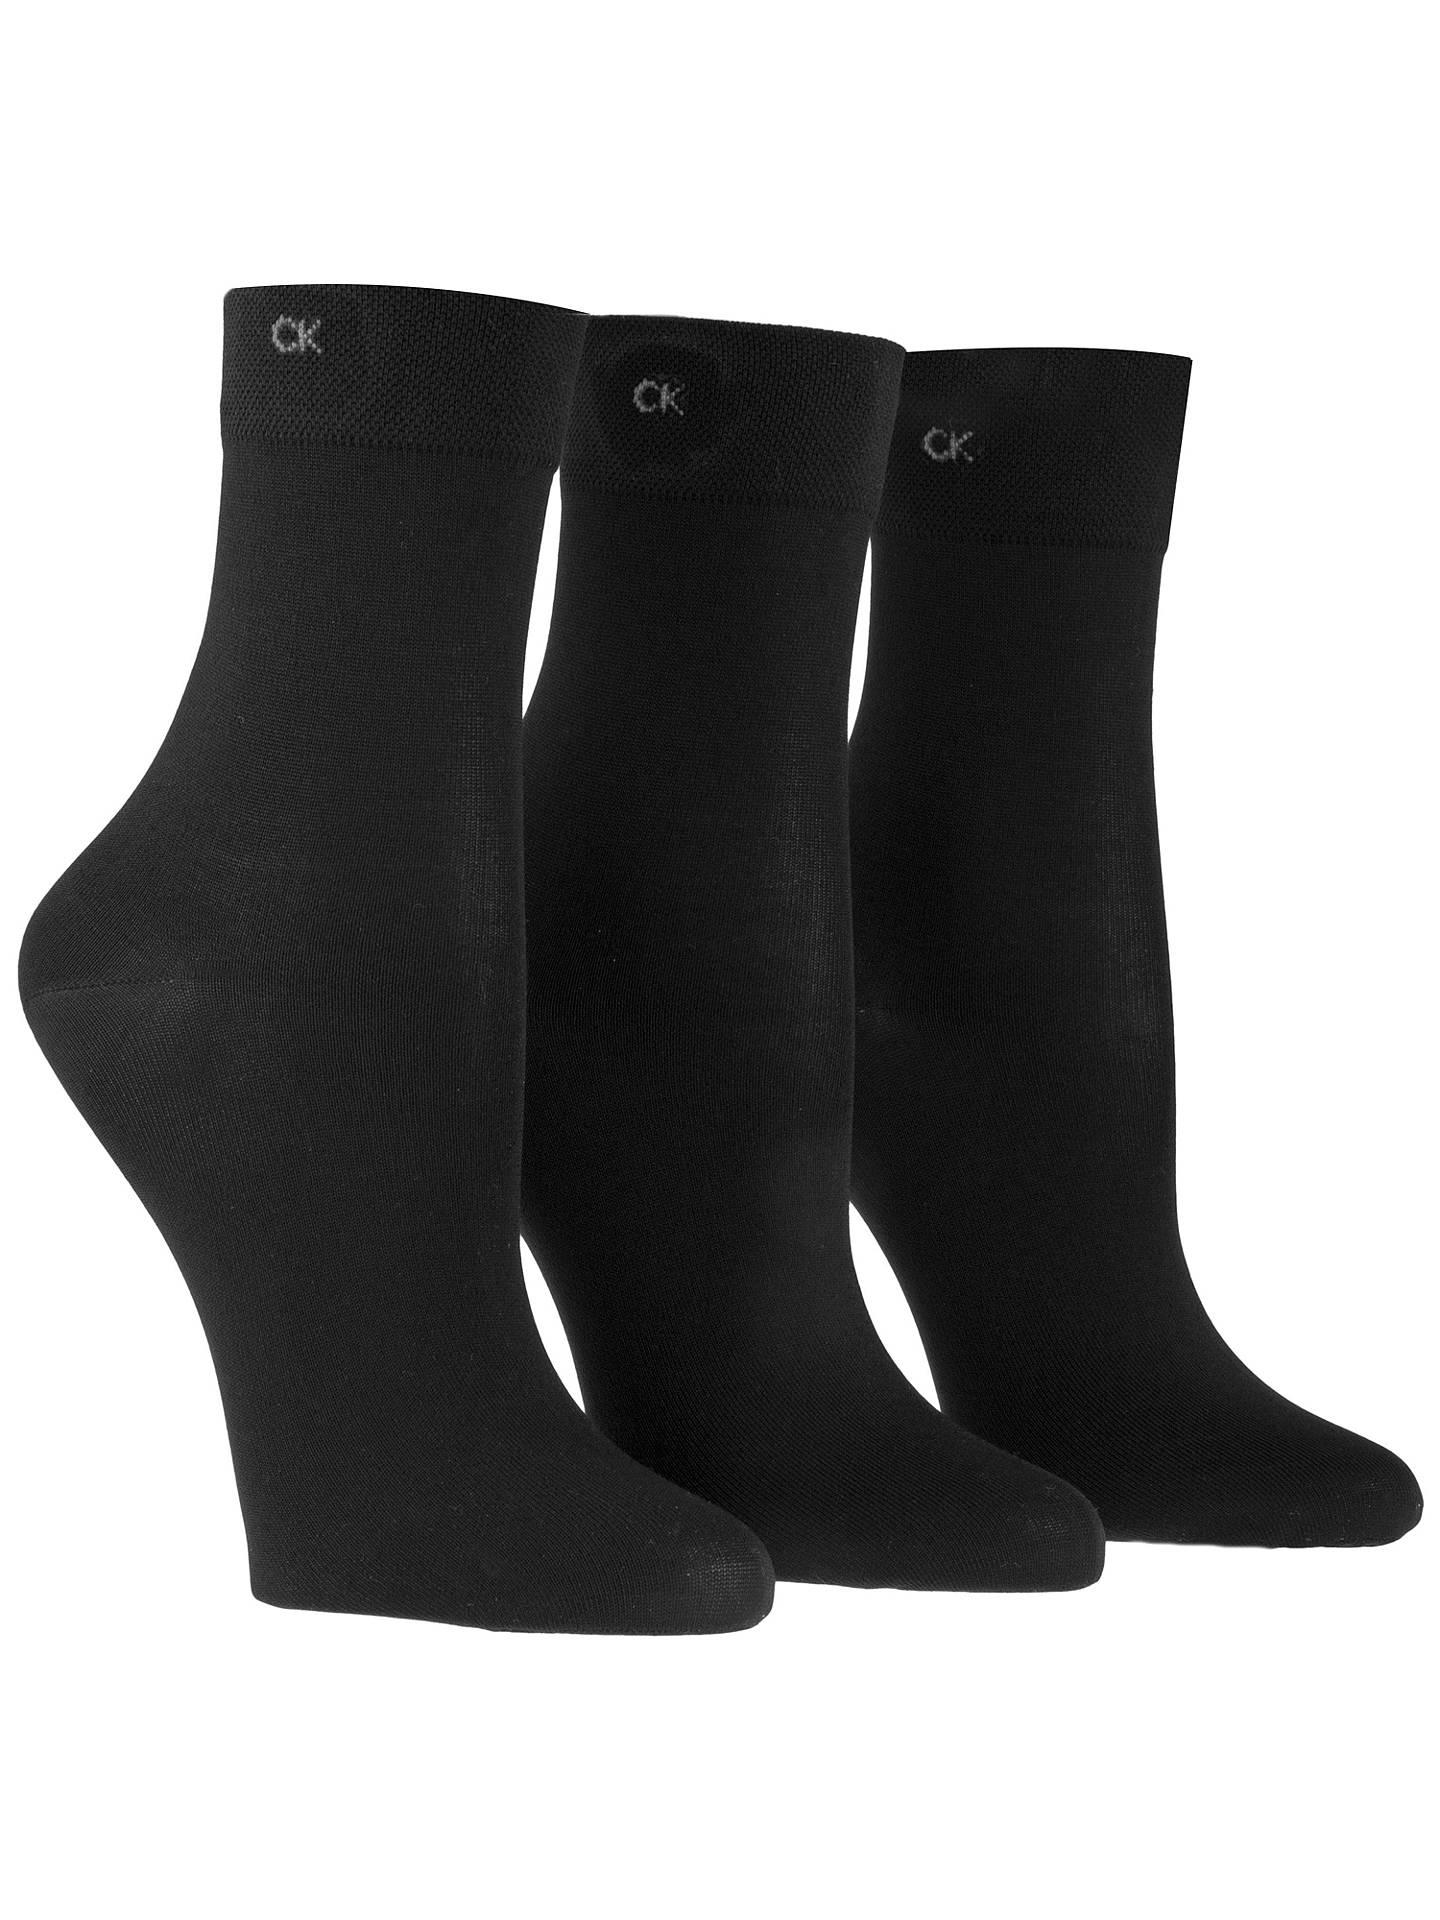 7c0b4957b1 Buy Calvin Klein Light Sparkle Short Crew Socks, Pack of 3, Black Online at  ...